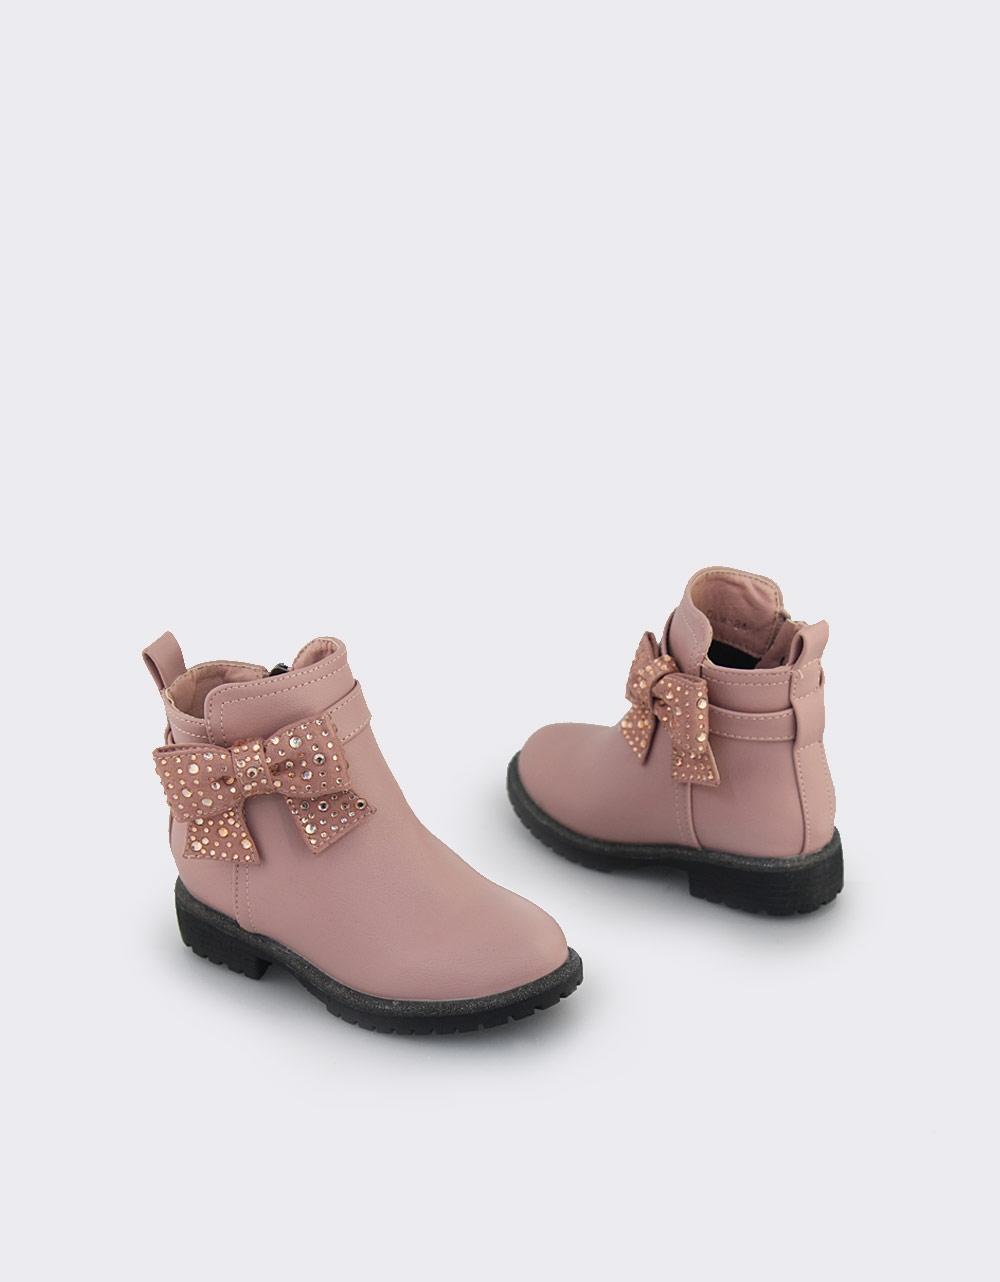 Εικόνα από Παιδικά μποτάκια με διακοσμητικό φιόγκο με strass Ροζ